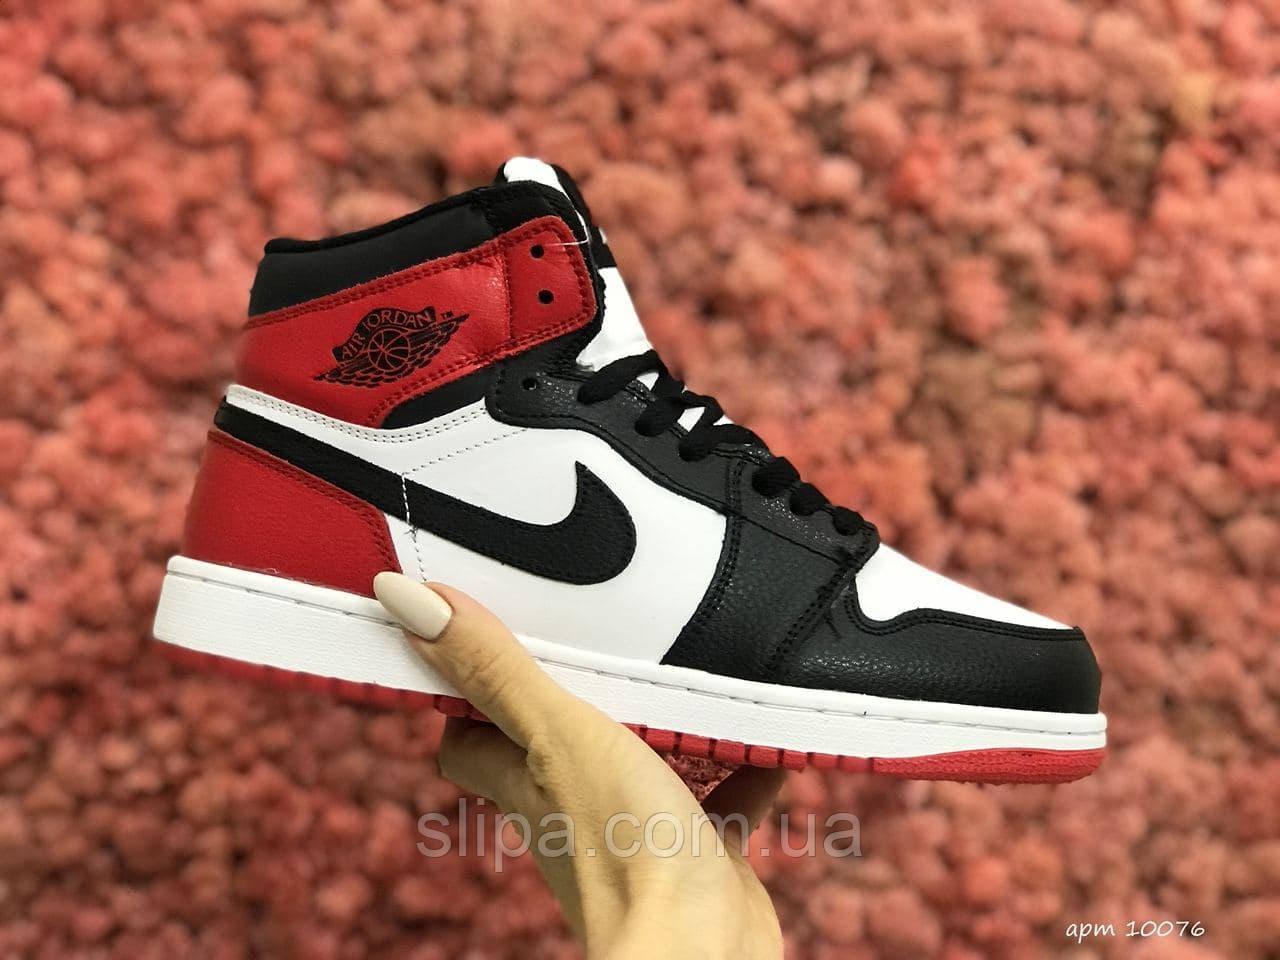 Женские зимние кожаные кроссовки Nike Air Jordan 1 Retro белые с чёрным и красным